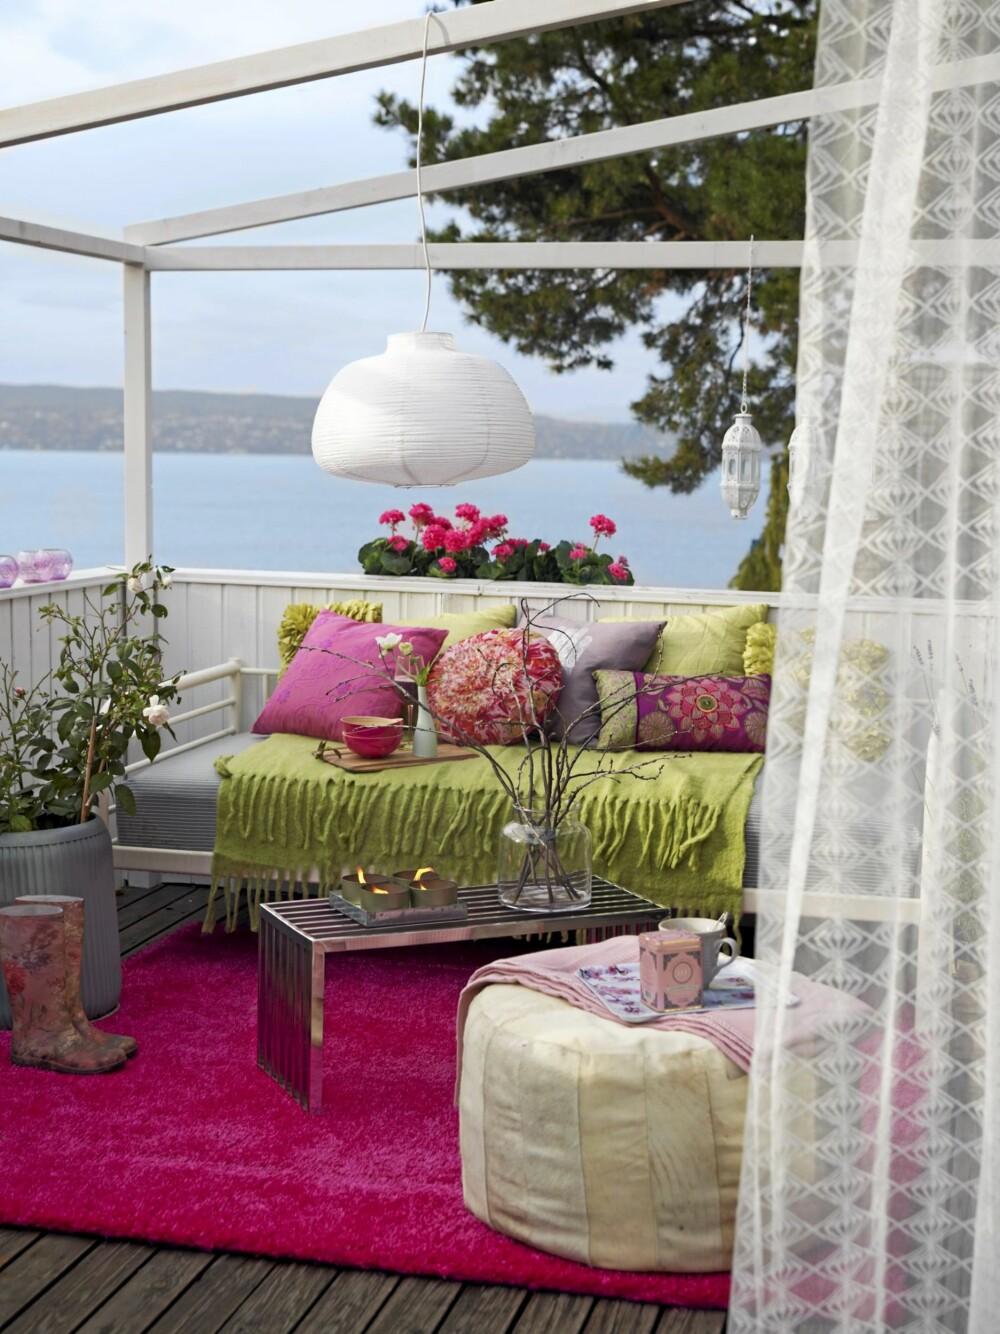 RIMELIG. Denne terrassekroken er også fargerik og hyggelig, og det går ikke så hardt utover kredittkortet. Her koster for eksempel lampen 75 kroner, mens den andre lampen koster 1645 kroner.